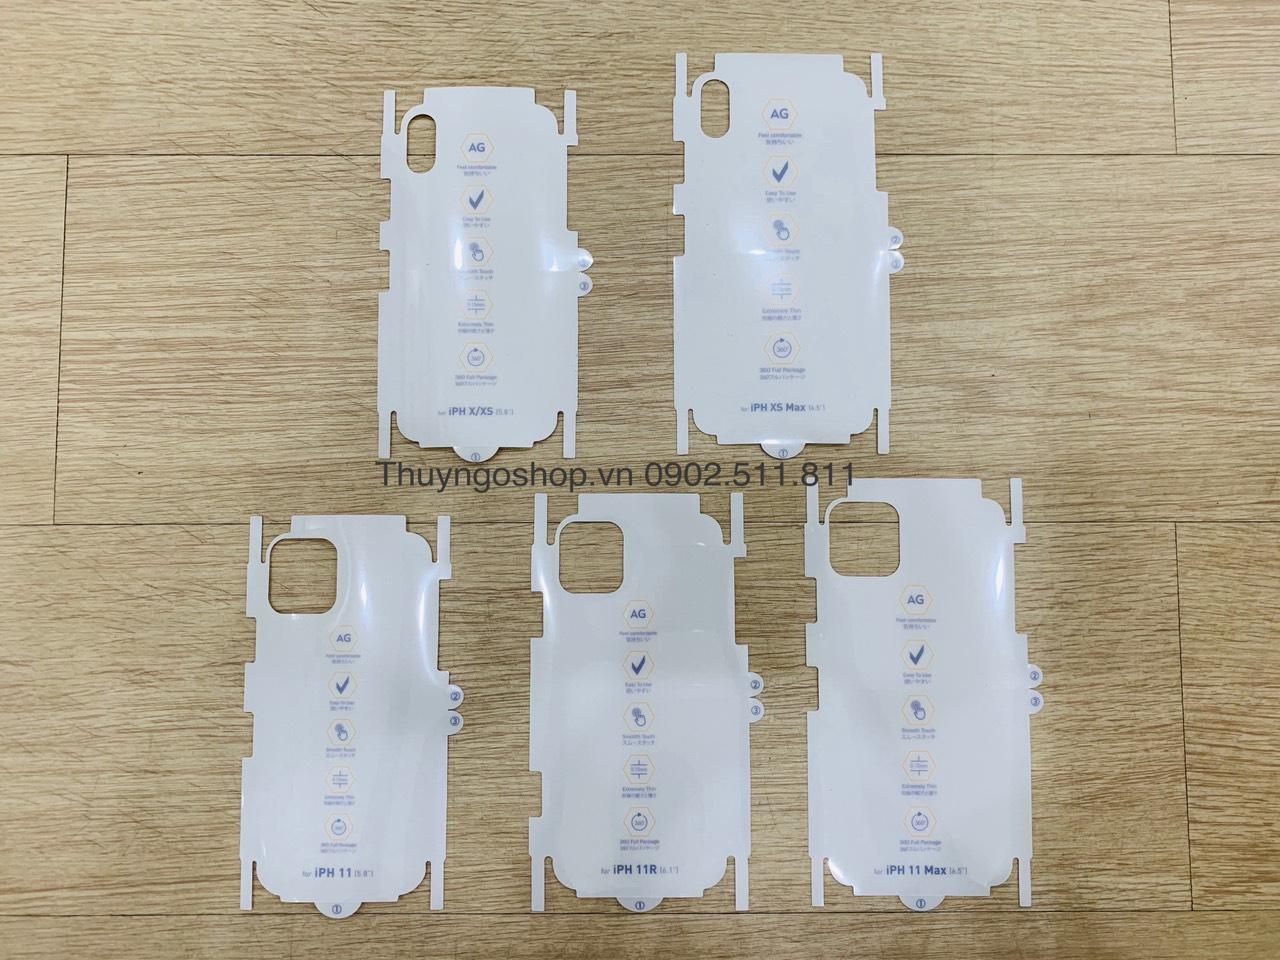 Dán nhám chống vân tay 100% iphone X/Xs , Xs Max / 11 / 11 Pro / 11 Pro Max